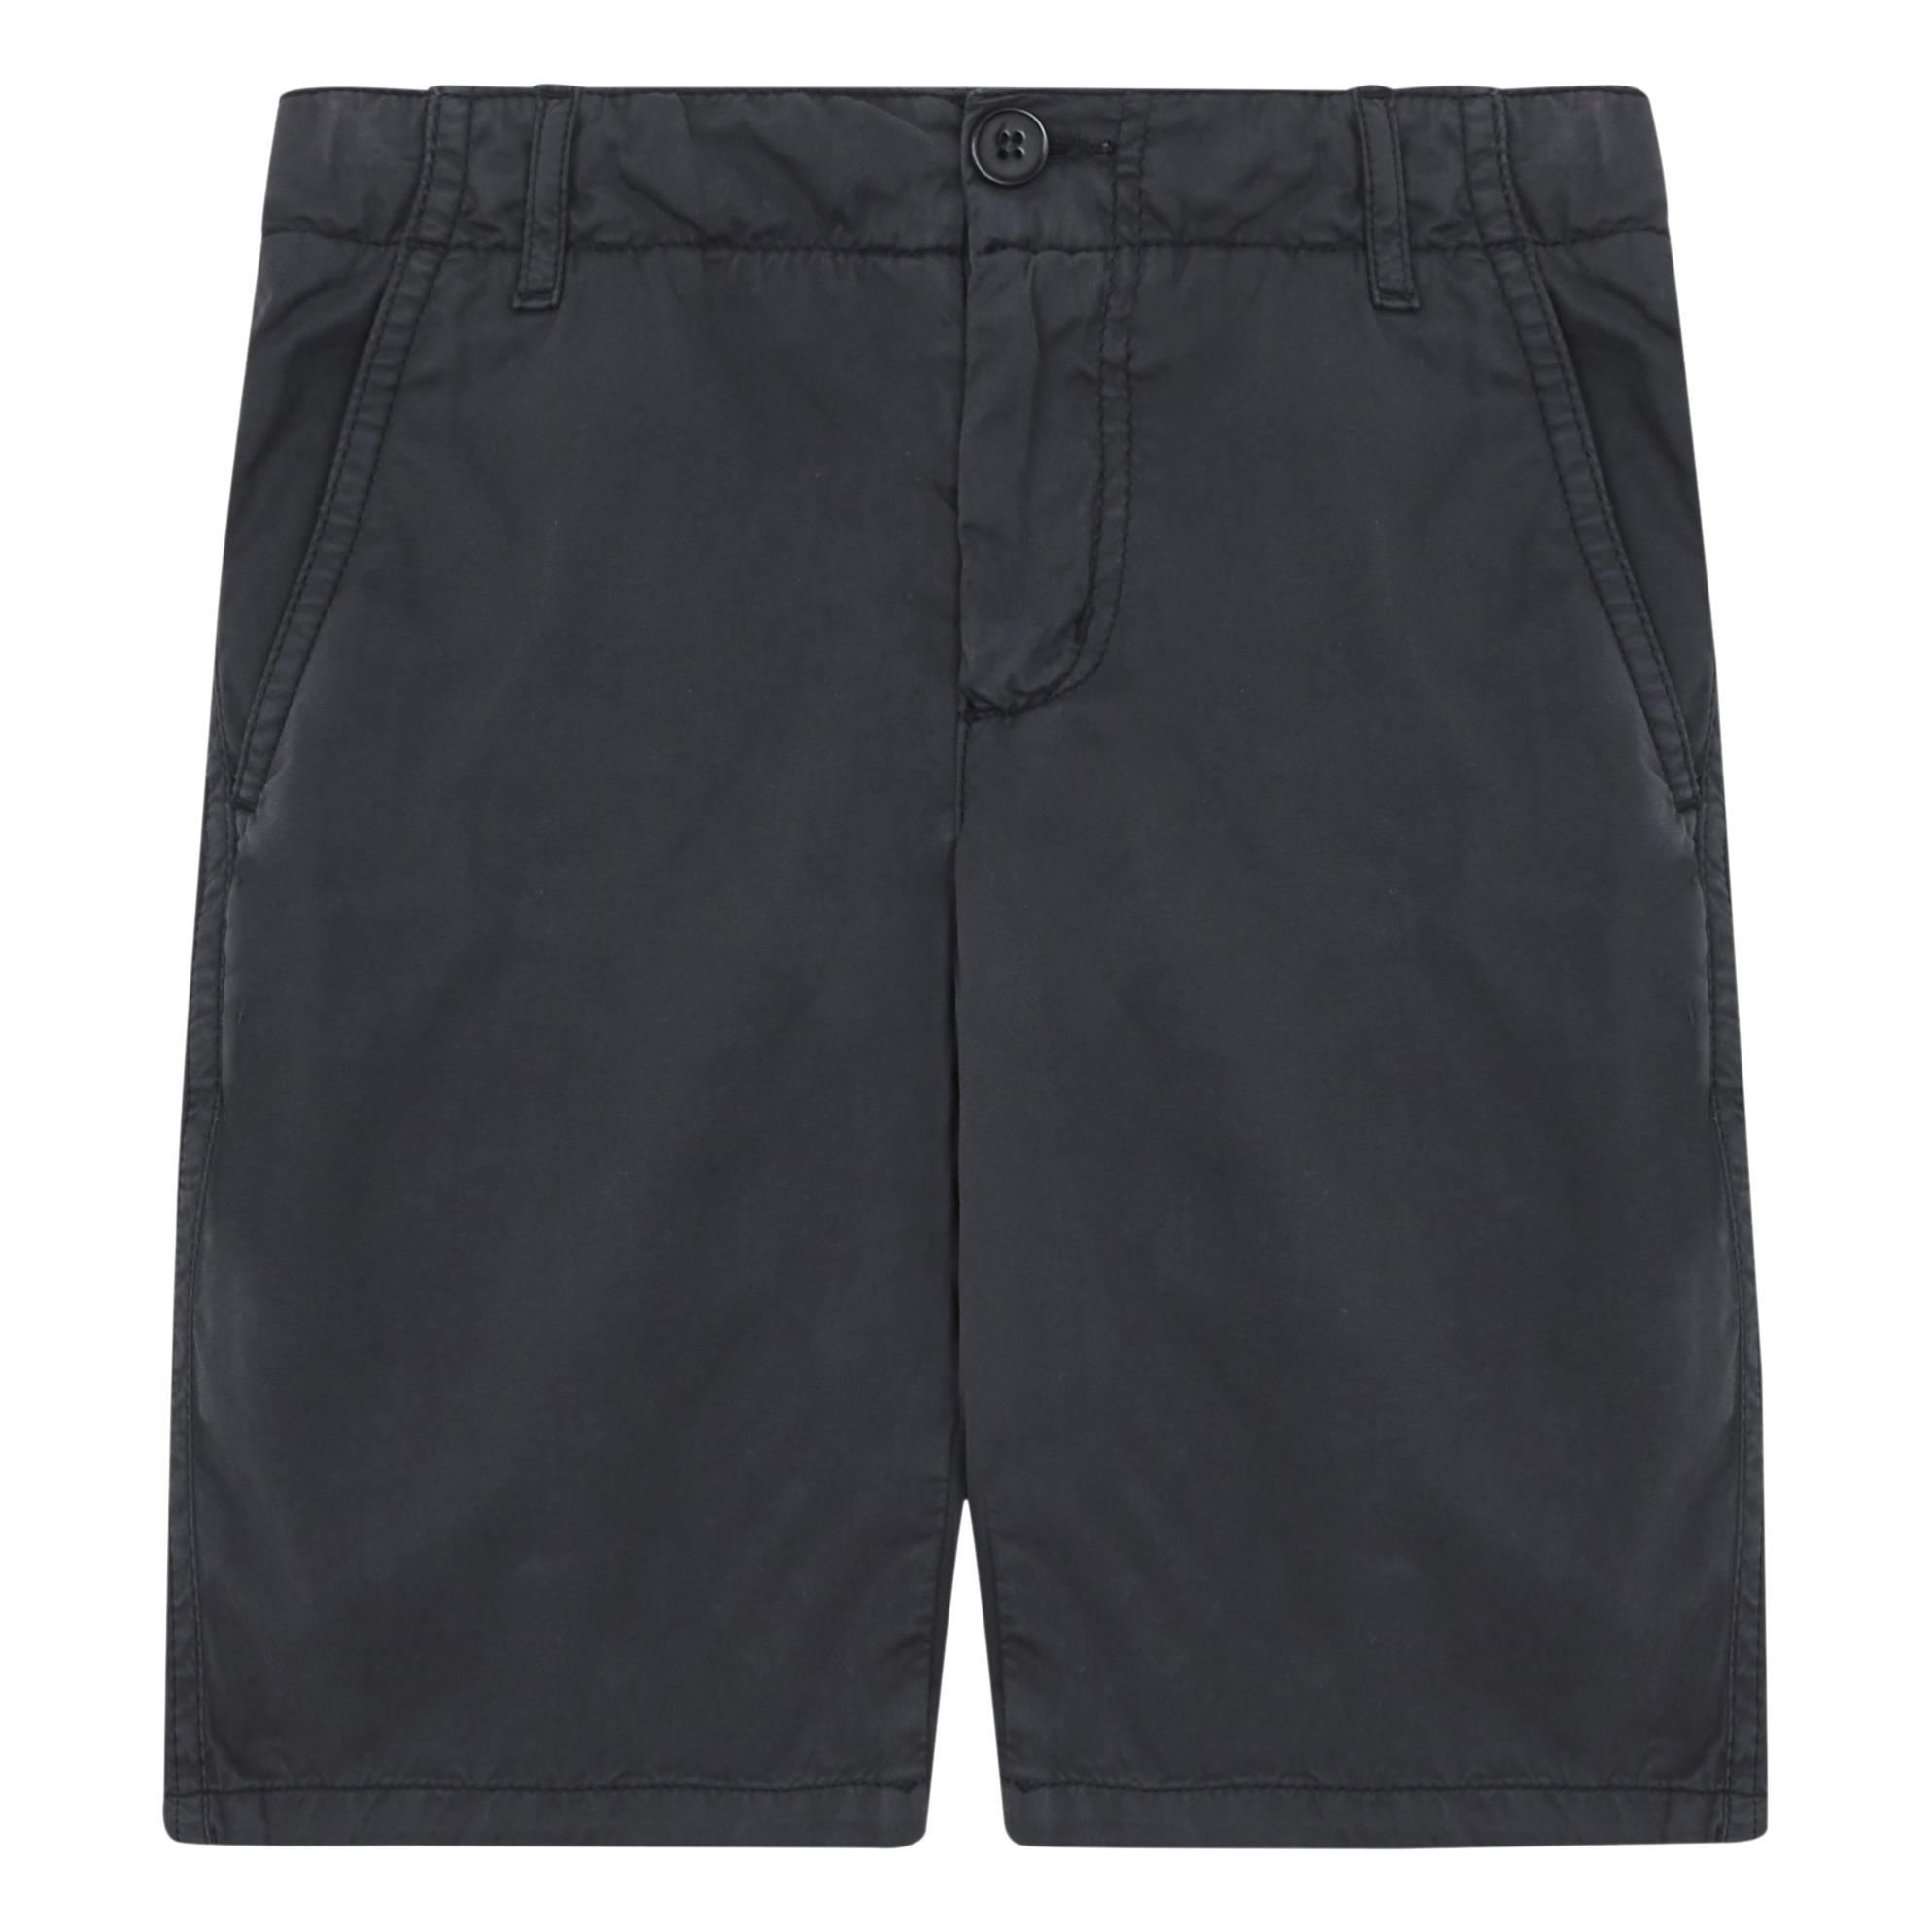 Short Peri